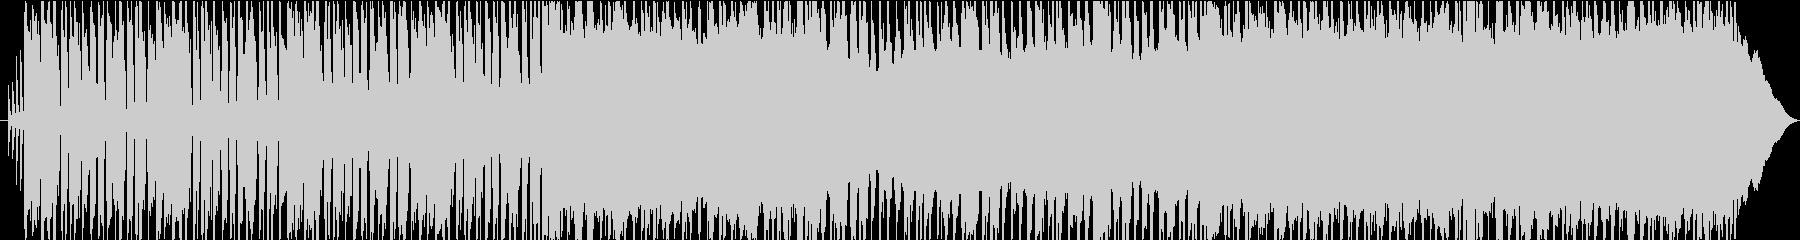 パンク ポップ ロック アクティブ...の未再生の波形